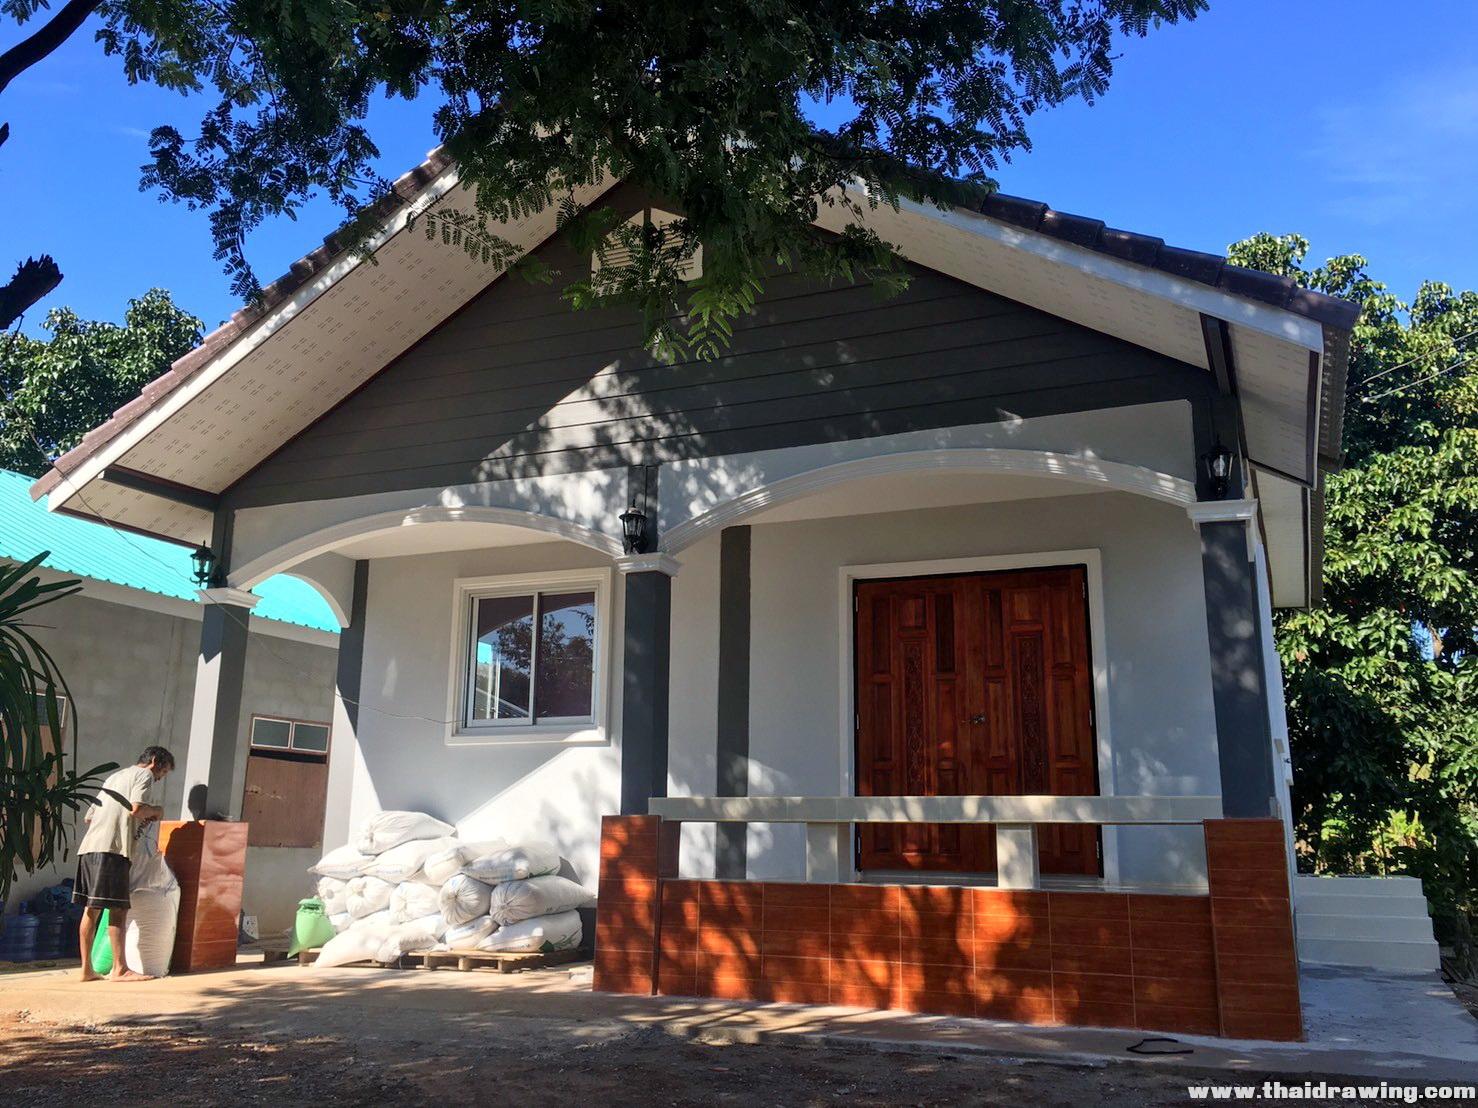 รีวิว งานก่อสร้างบ้านนาเดียเฮ้าส์ บ้านชั้นเดียว พื้นที่ใช้สอย 65 ตร.ม. งบประมาณ 600,000 บาท